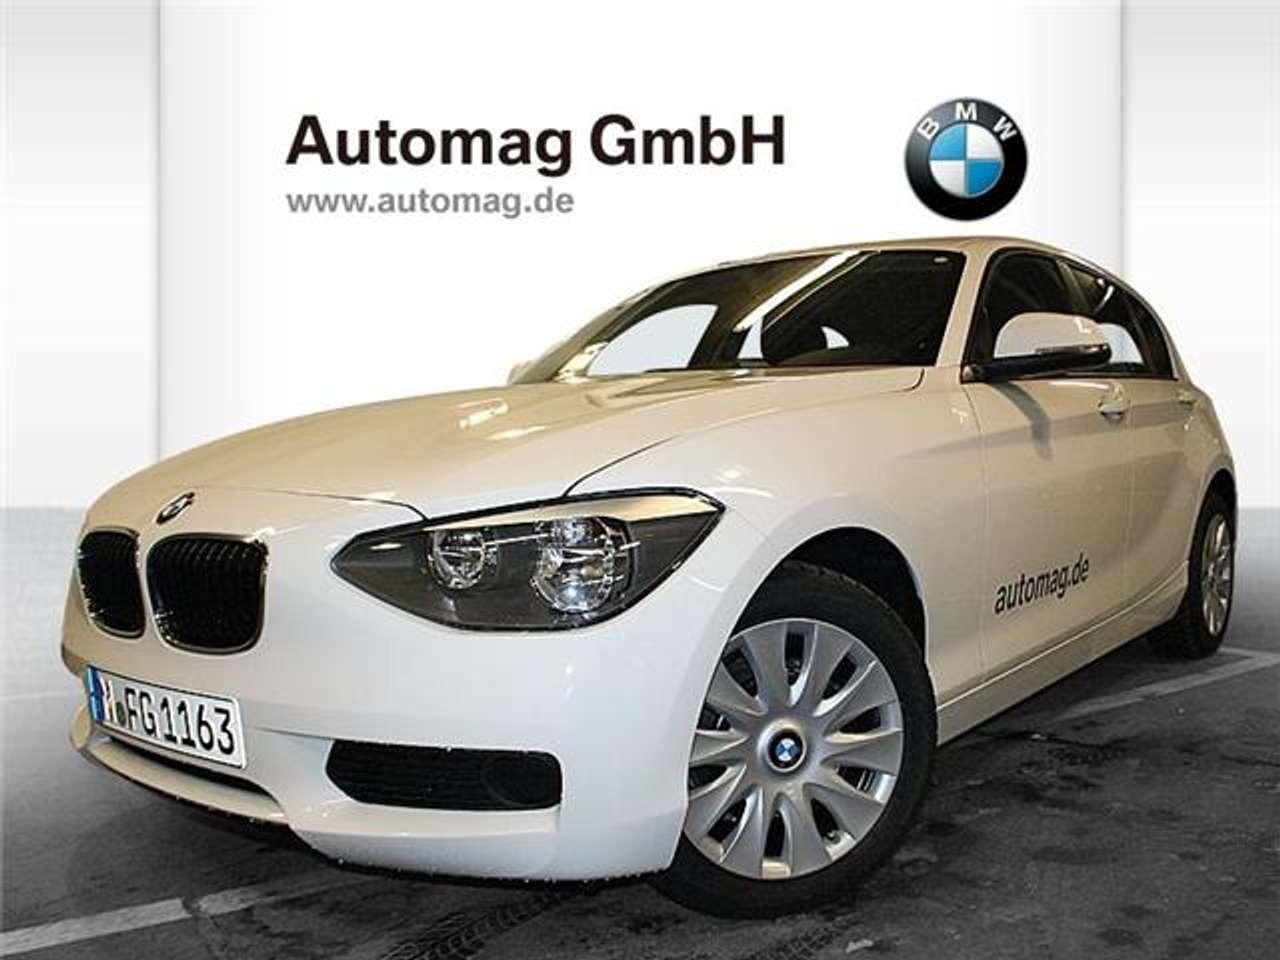 Autos nach BMW 3-Series